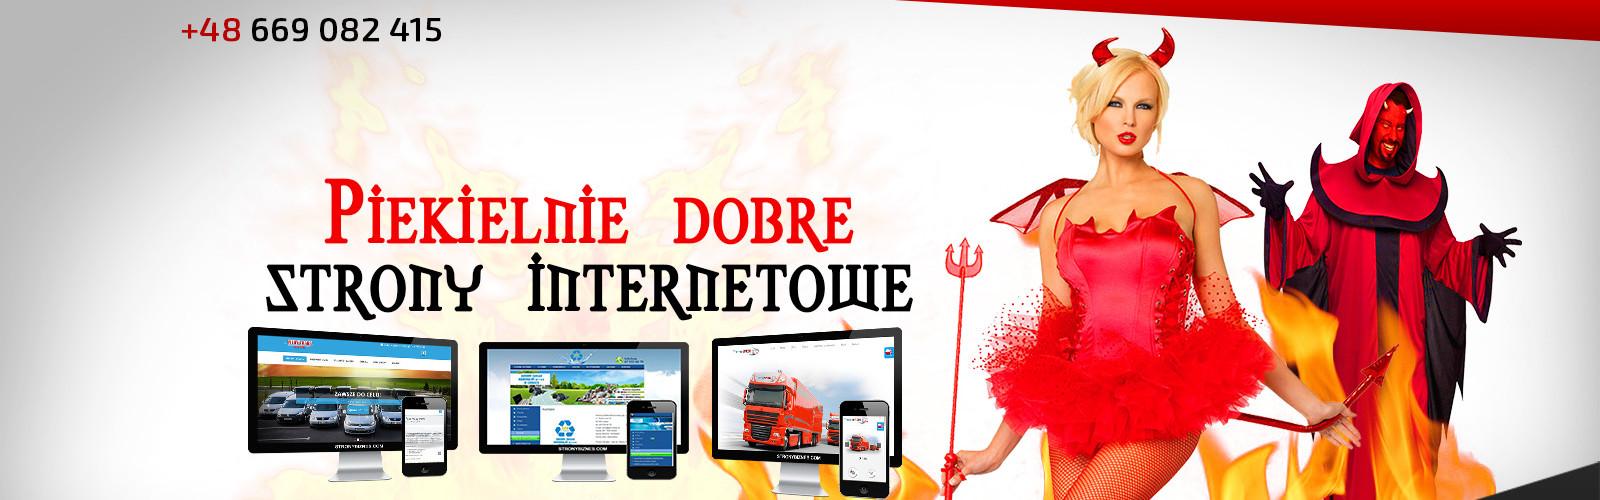 Strony internetowe, pozycjonowanie, grafika, sklepy www